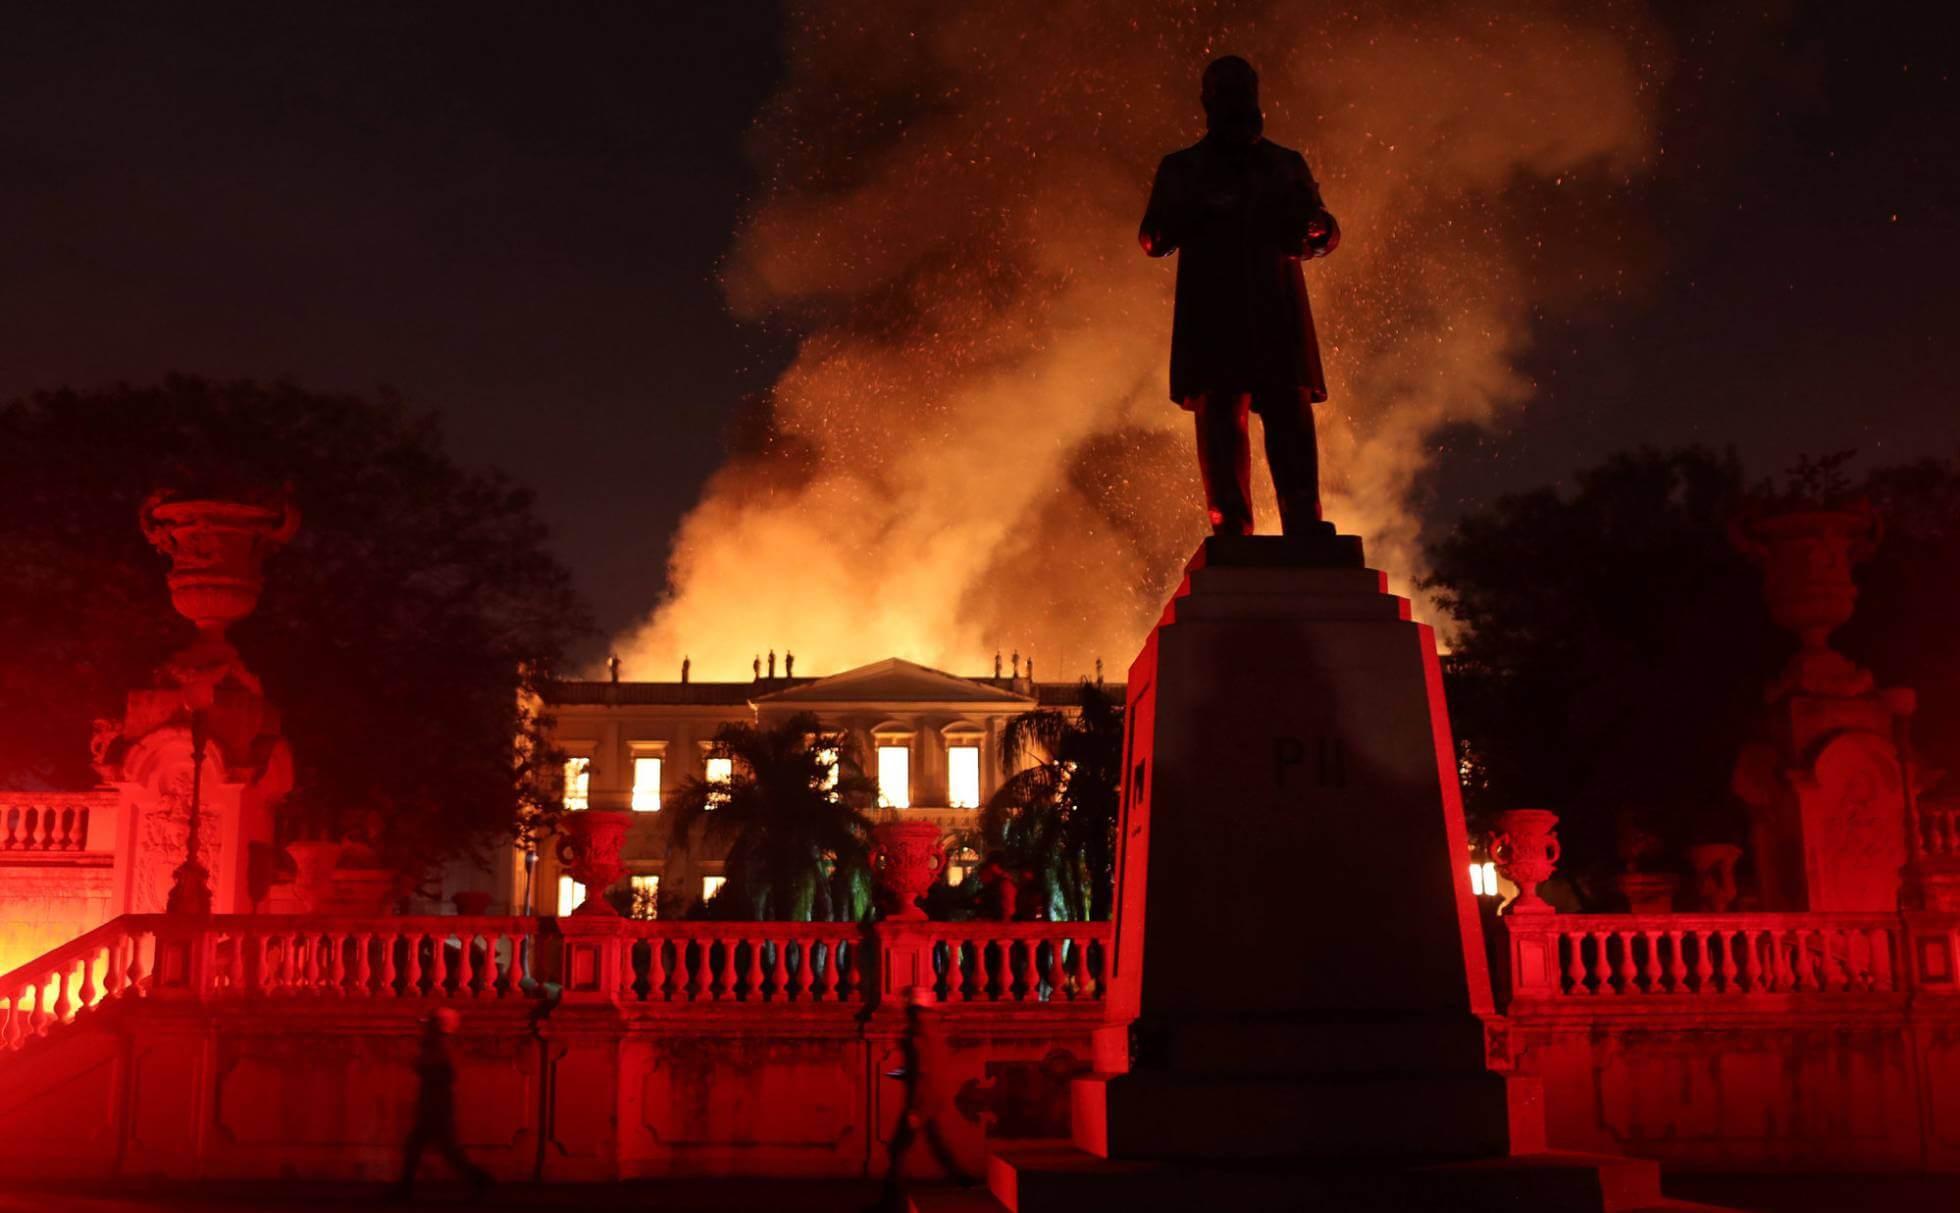 Tragedia irreparable: El Museo Nacional de Brasil es consumido por un voraz incendio